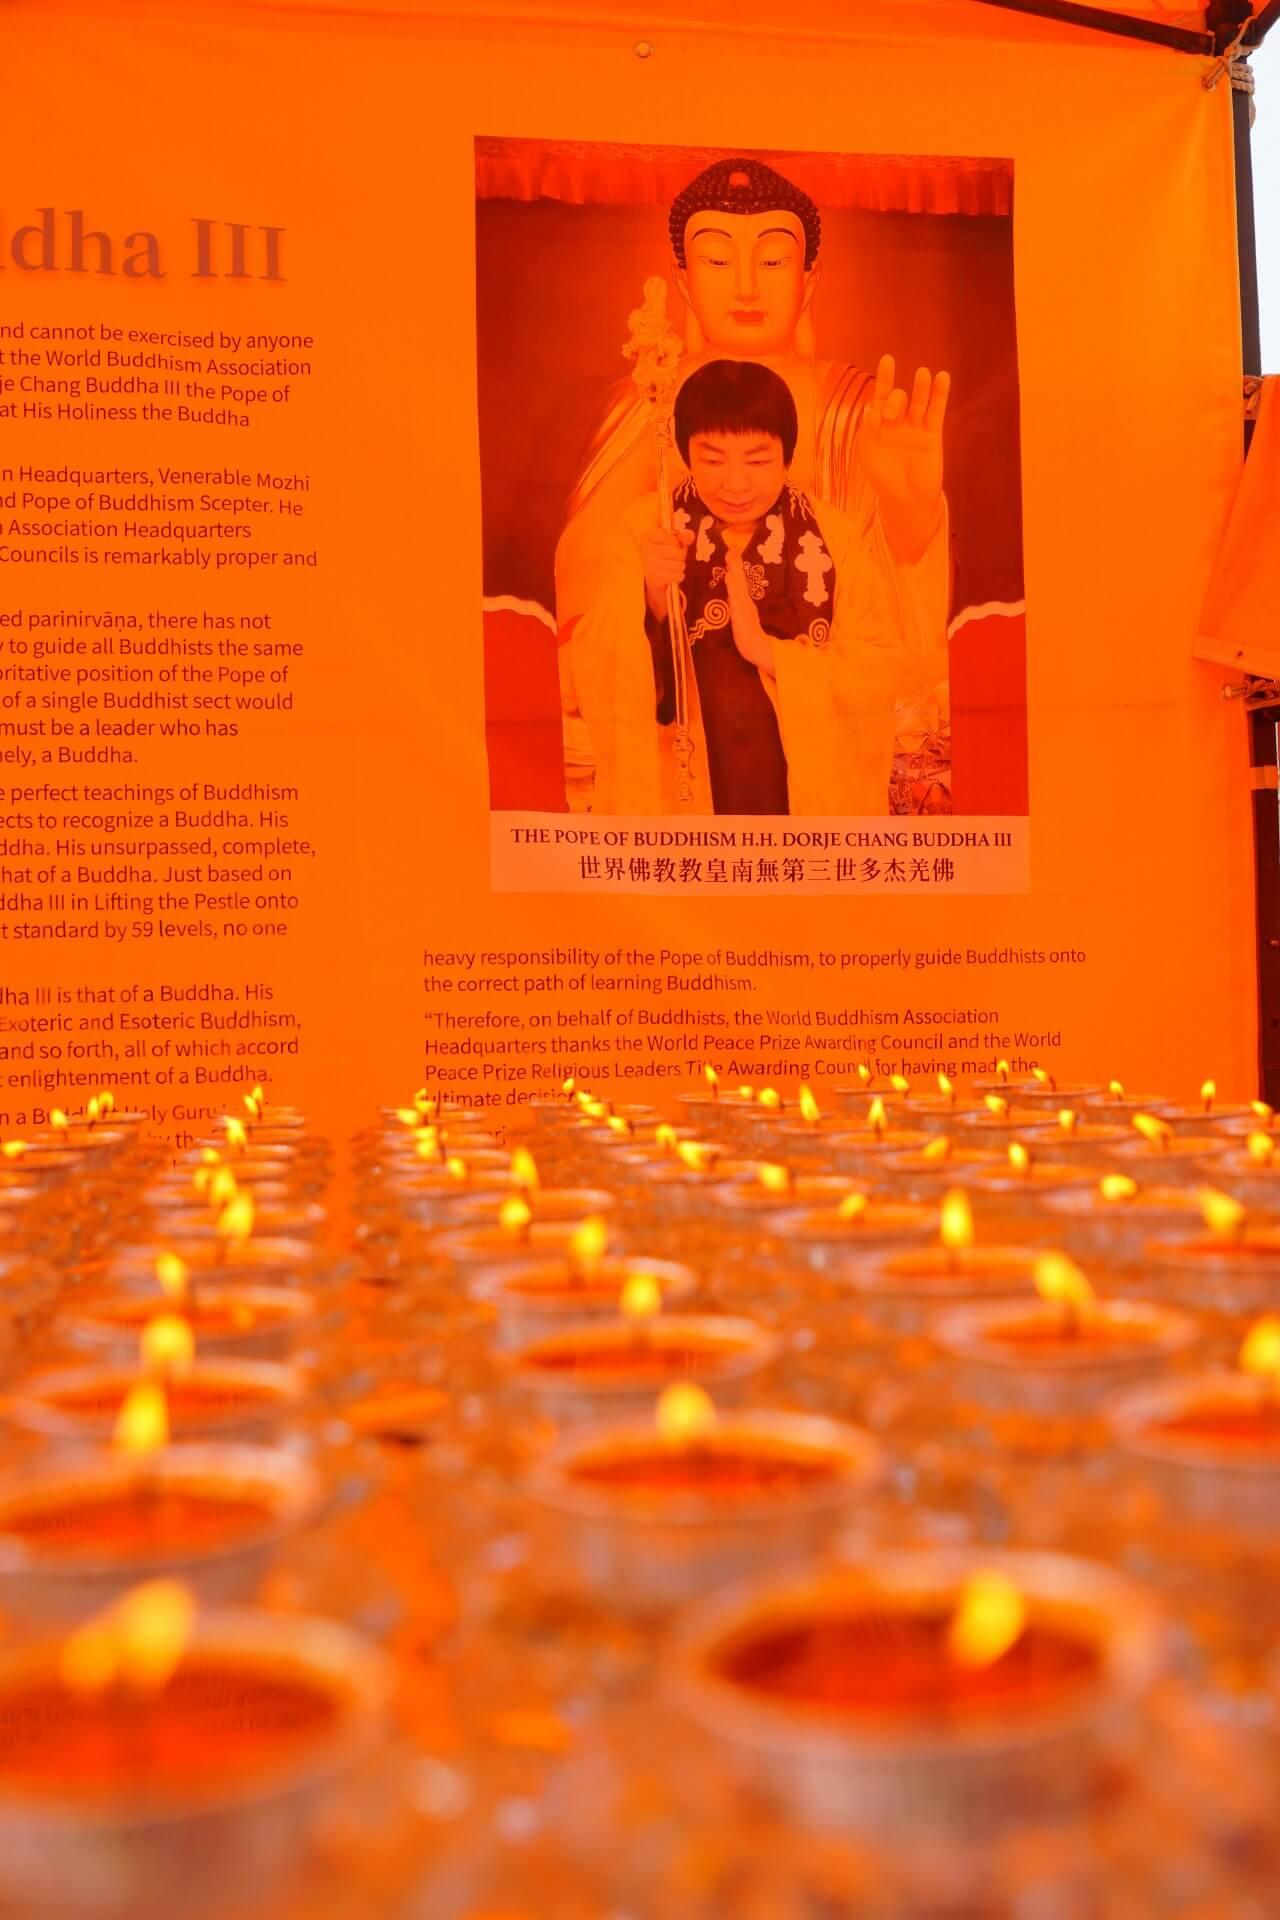 行動佛殿130站台南,觀音大悲感照加持法會,點燈供佛